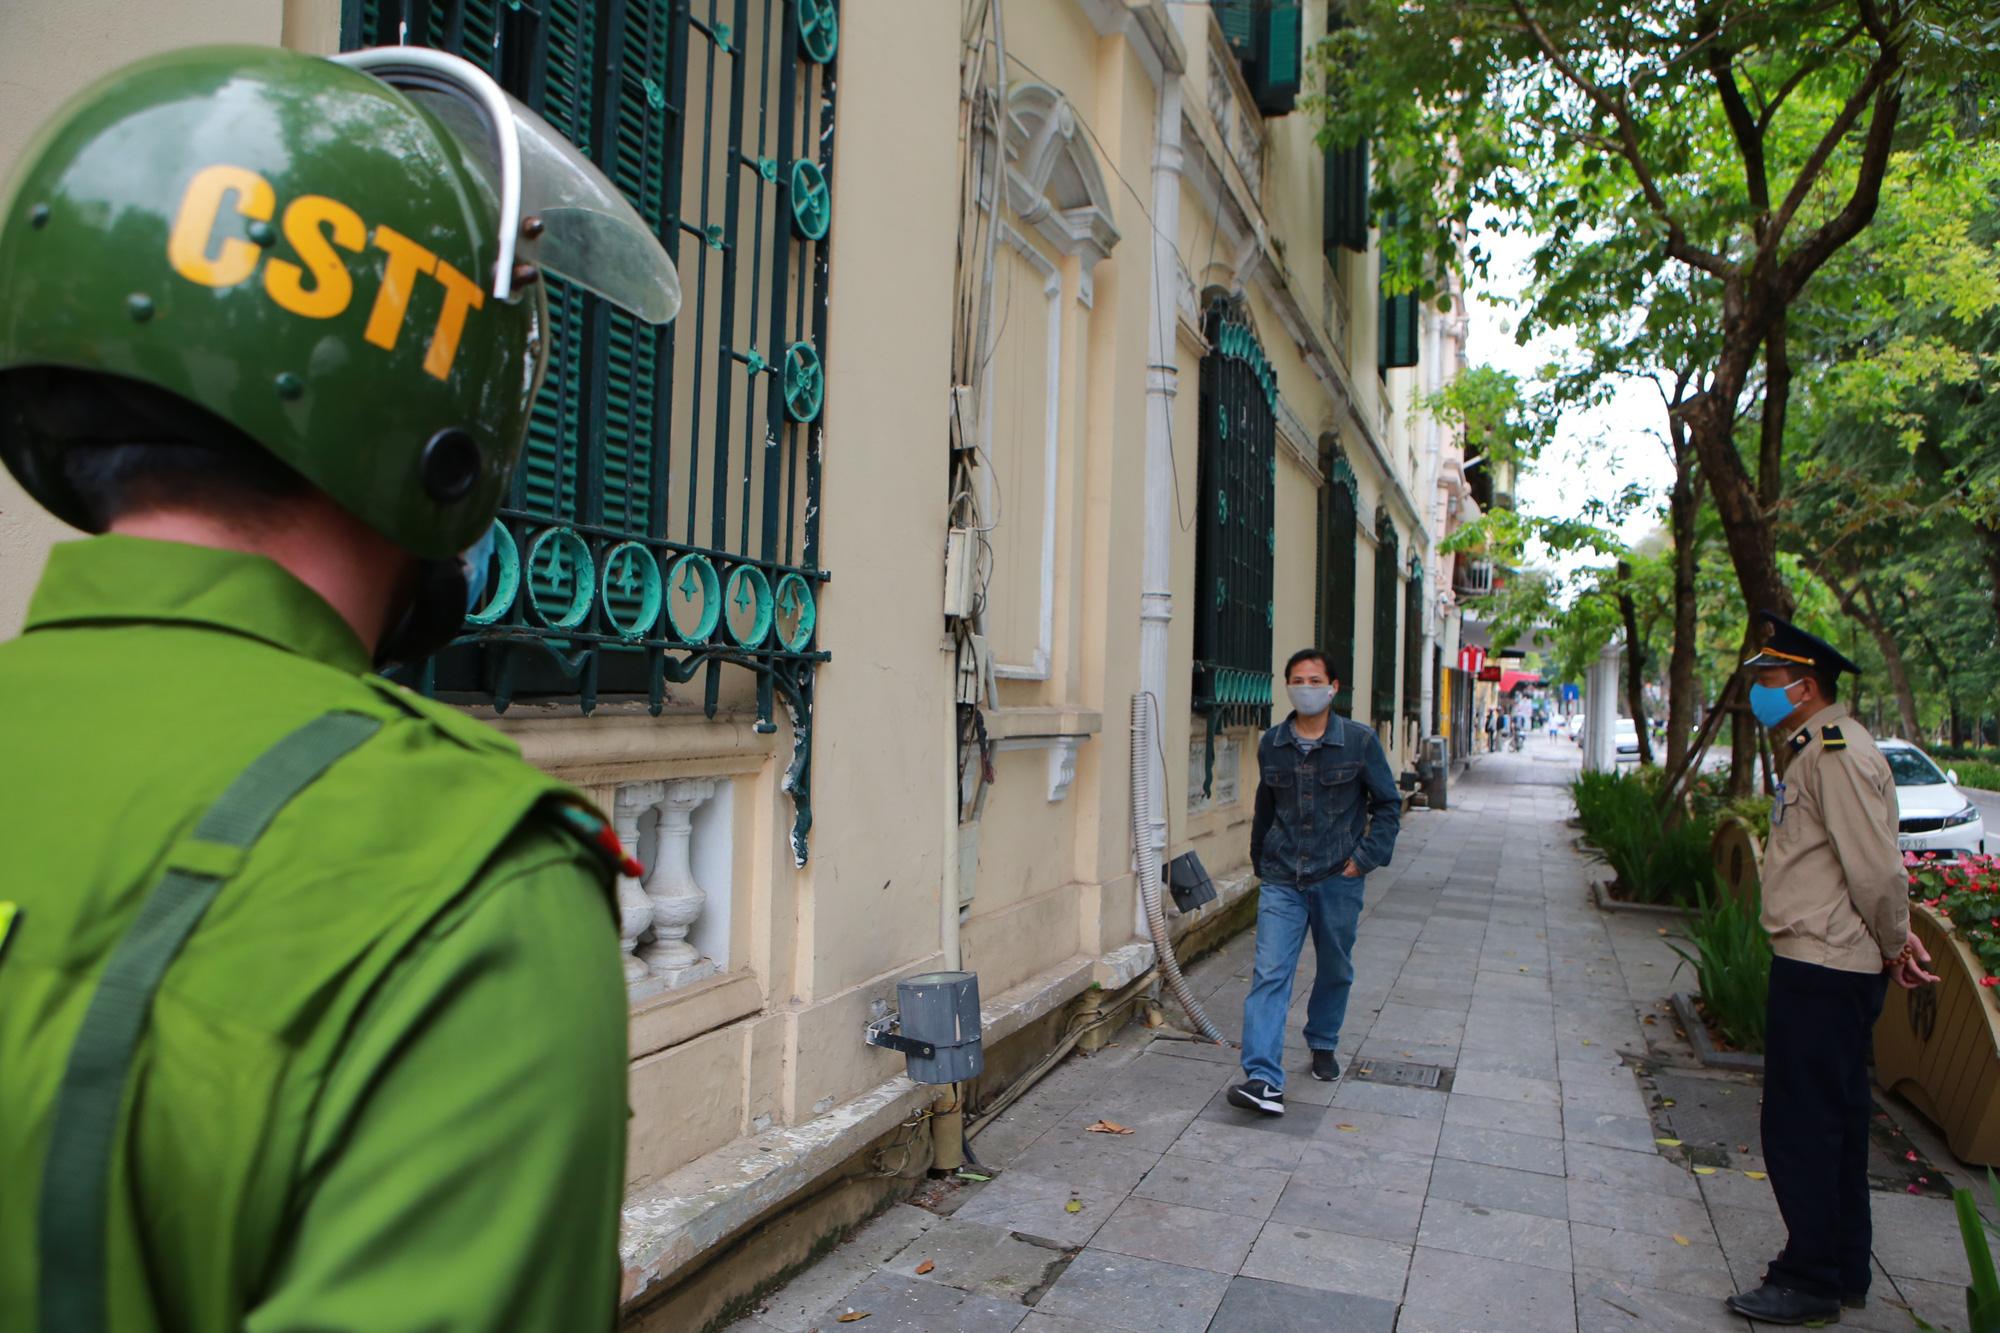 Hà Nội: Hàng trăm người dân đi tập thể dục bị nhắc nhở quay về nhà - Ảnh 5.